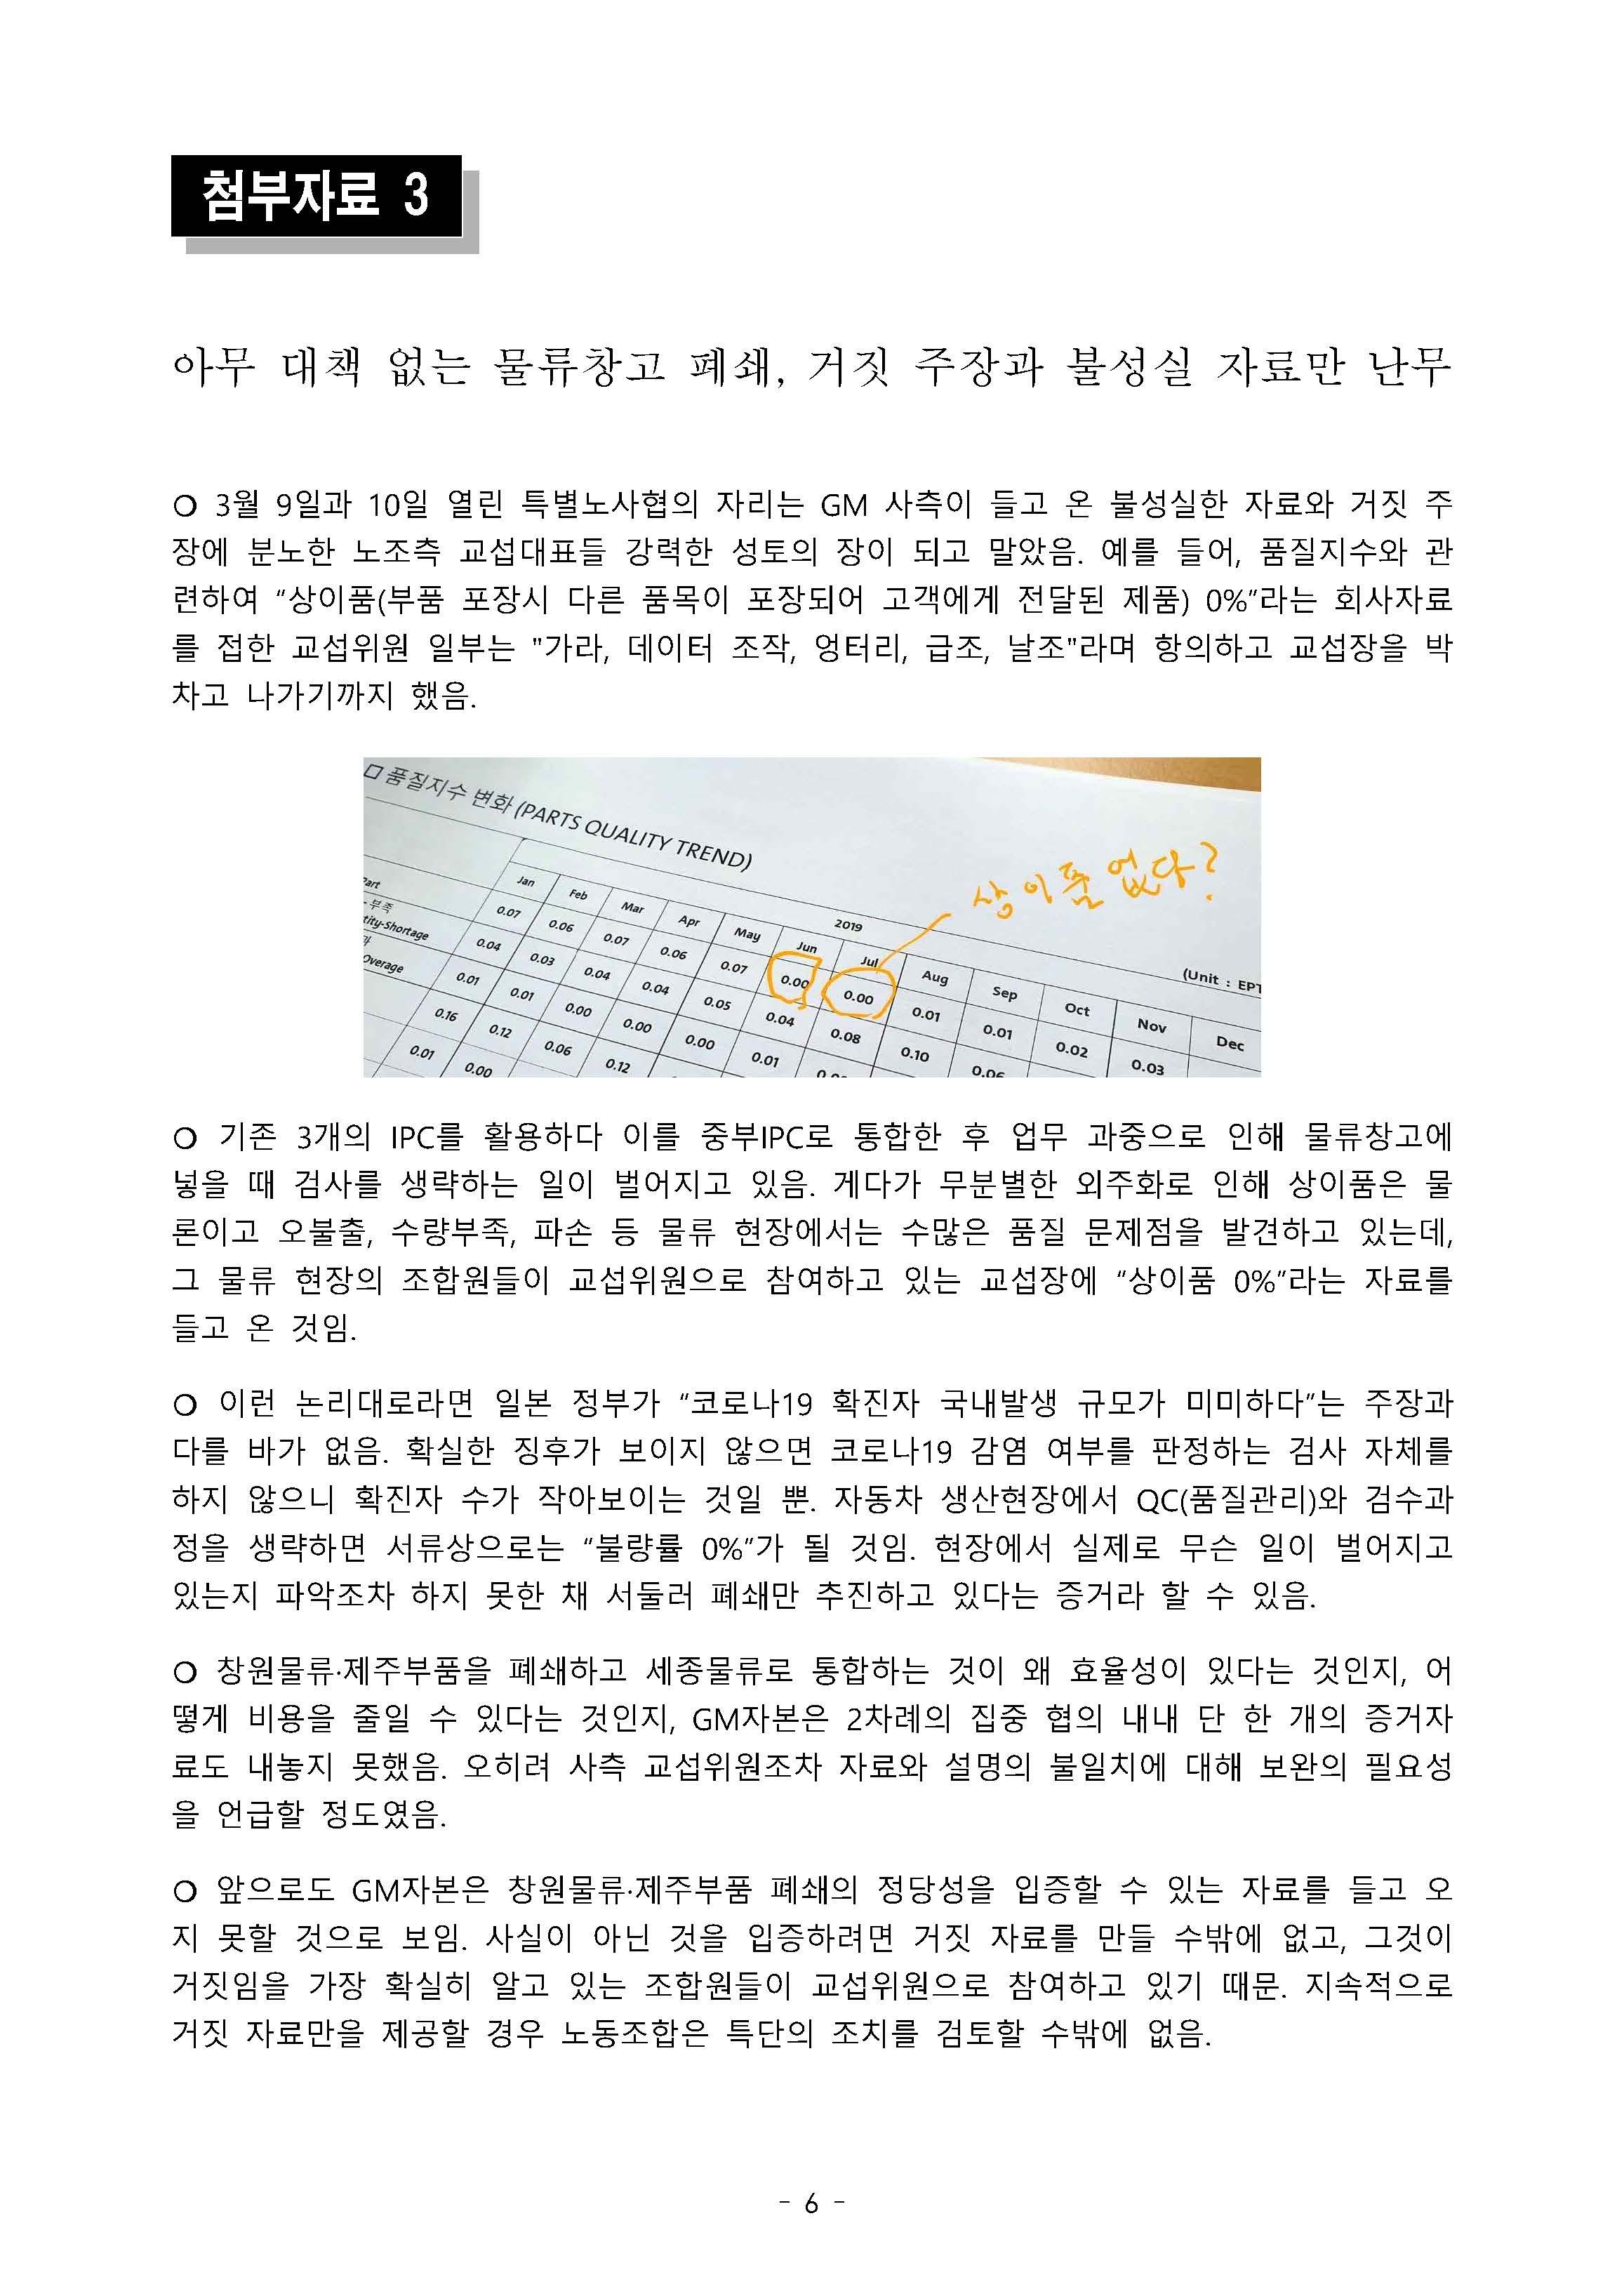 200316_보도자료_창원제주폐쇄저지_페이지_6.jpg